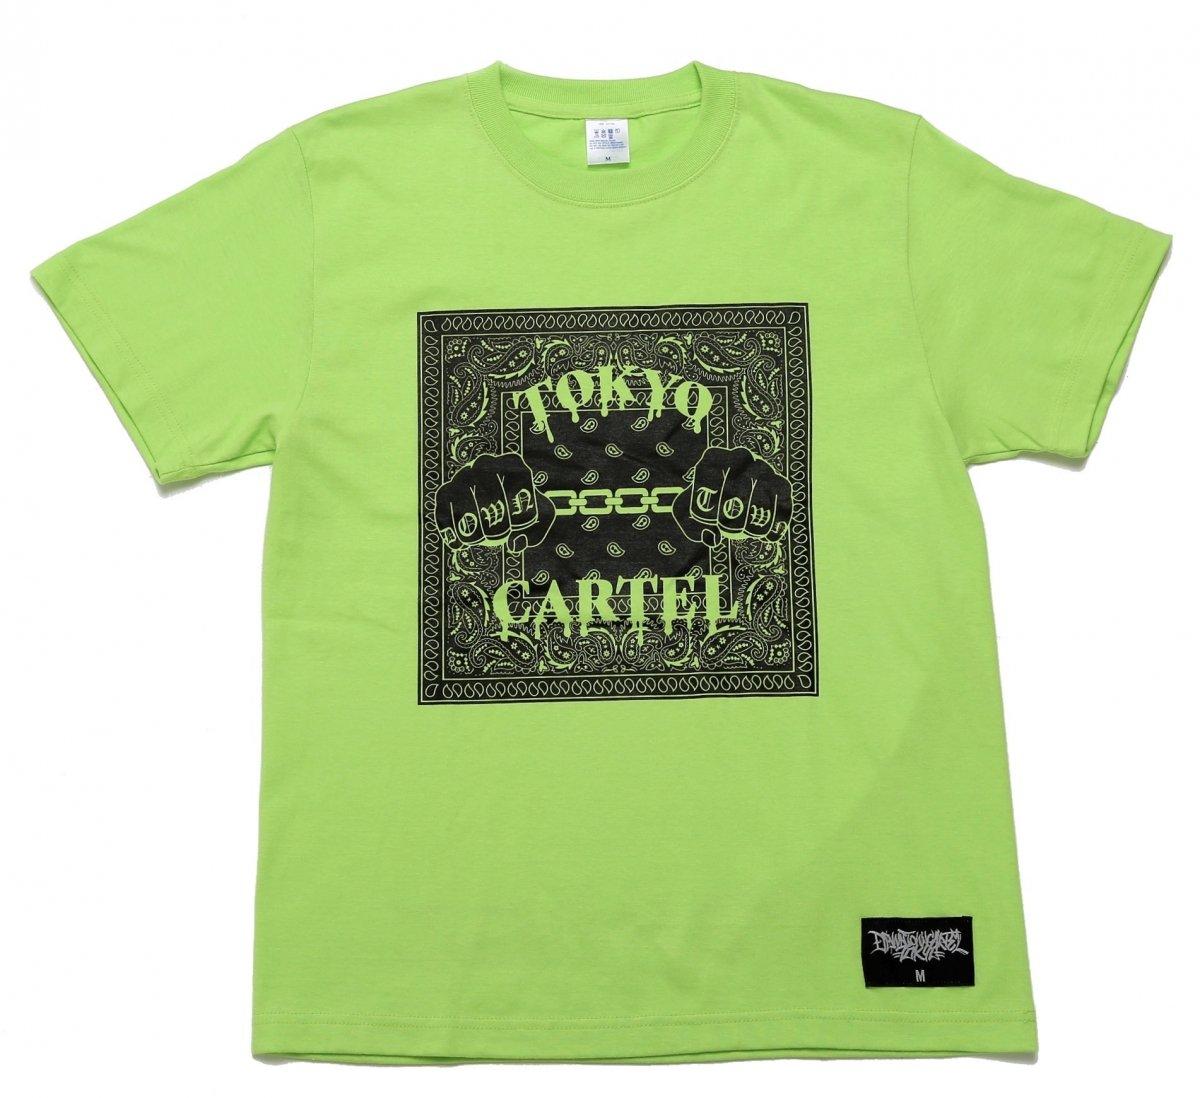 TOKYO CARTEL PAISLEY NEON GREEN TEE